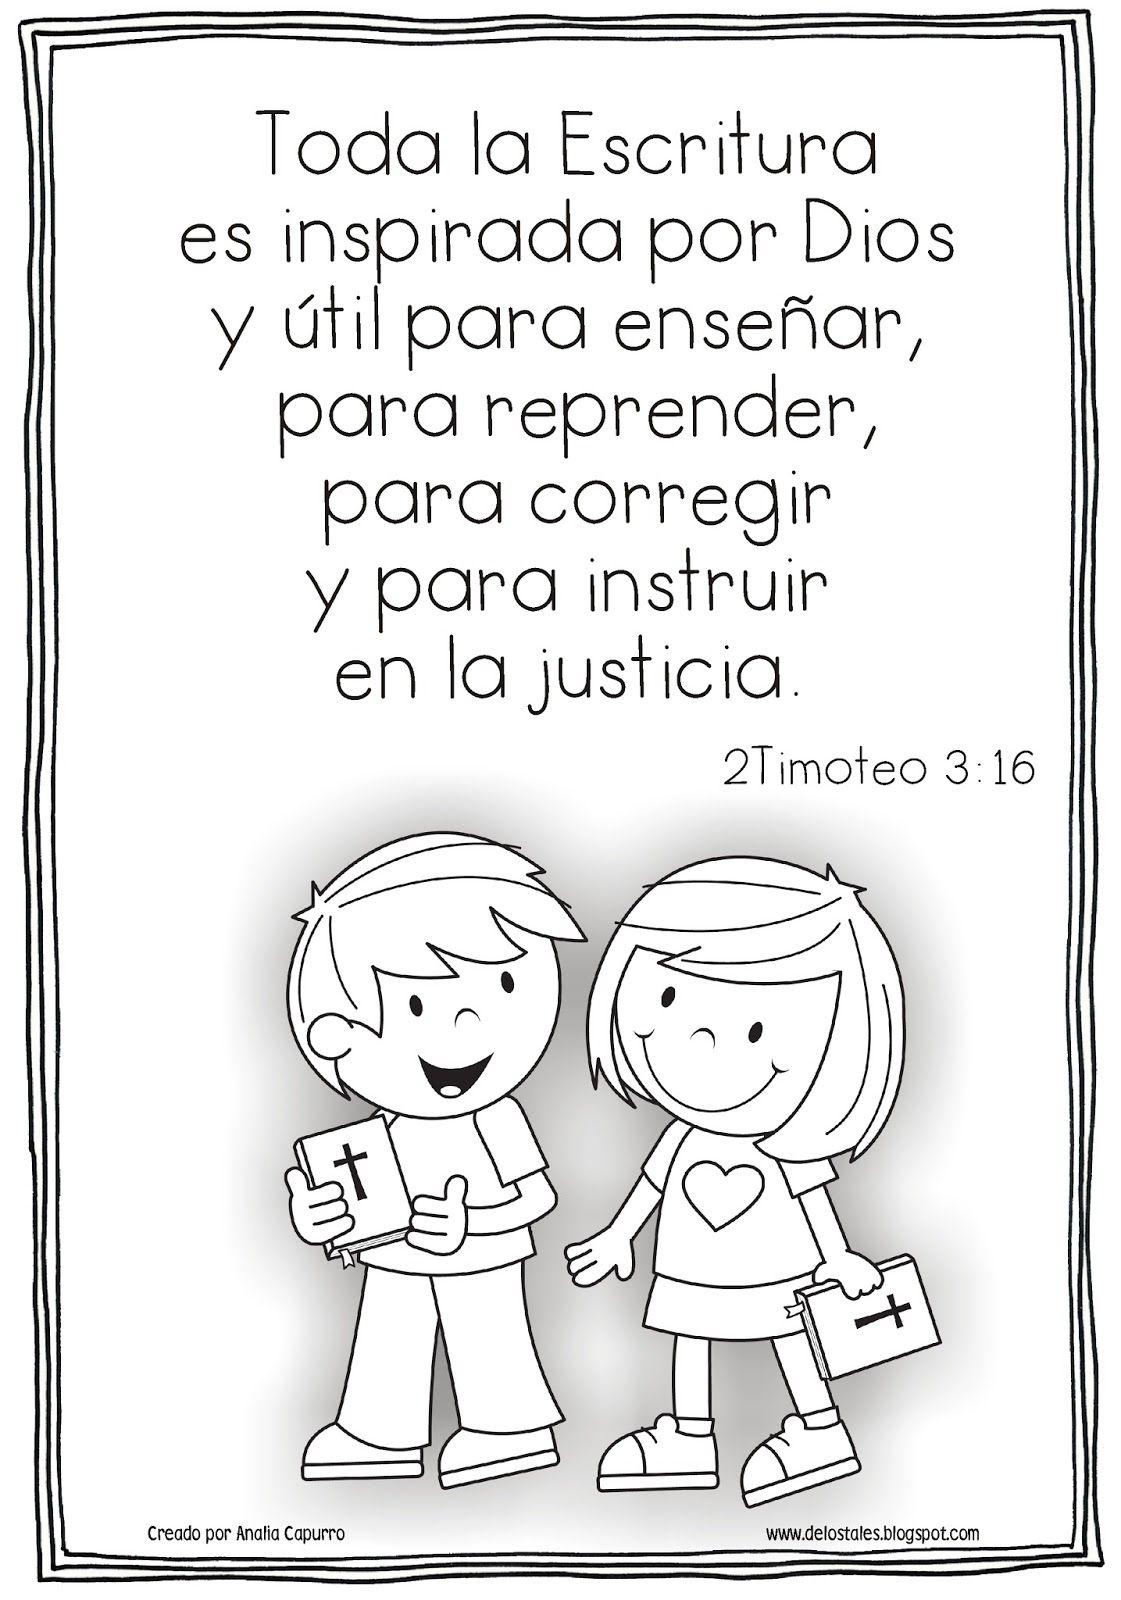 Free coloring pages in spanish - Recursos De Educaci N Cristiana Para Ni Os Lecciones Visuales Juegos Devocionales Y M S